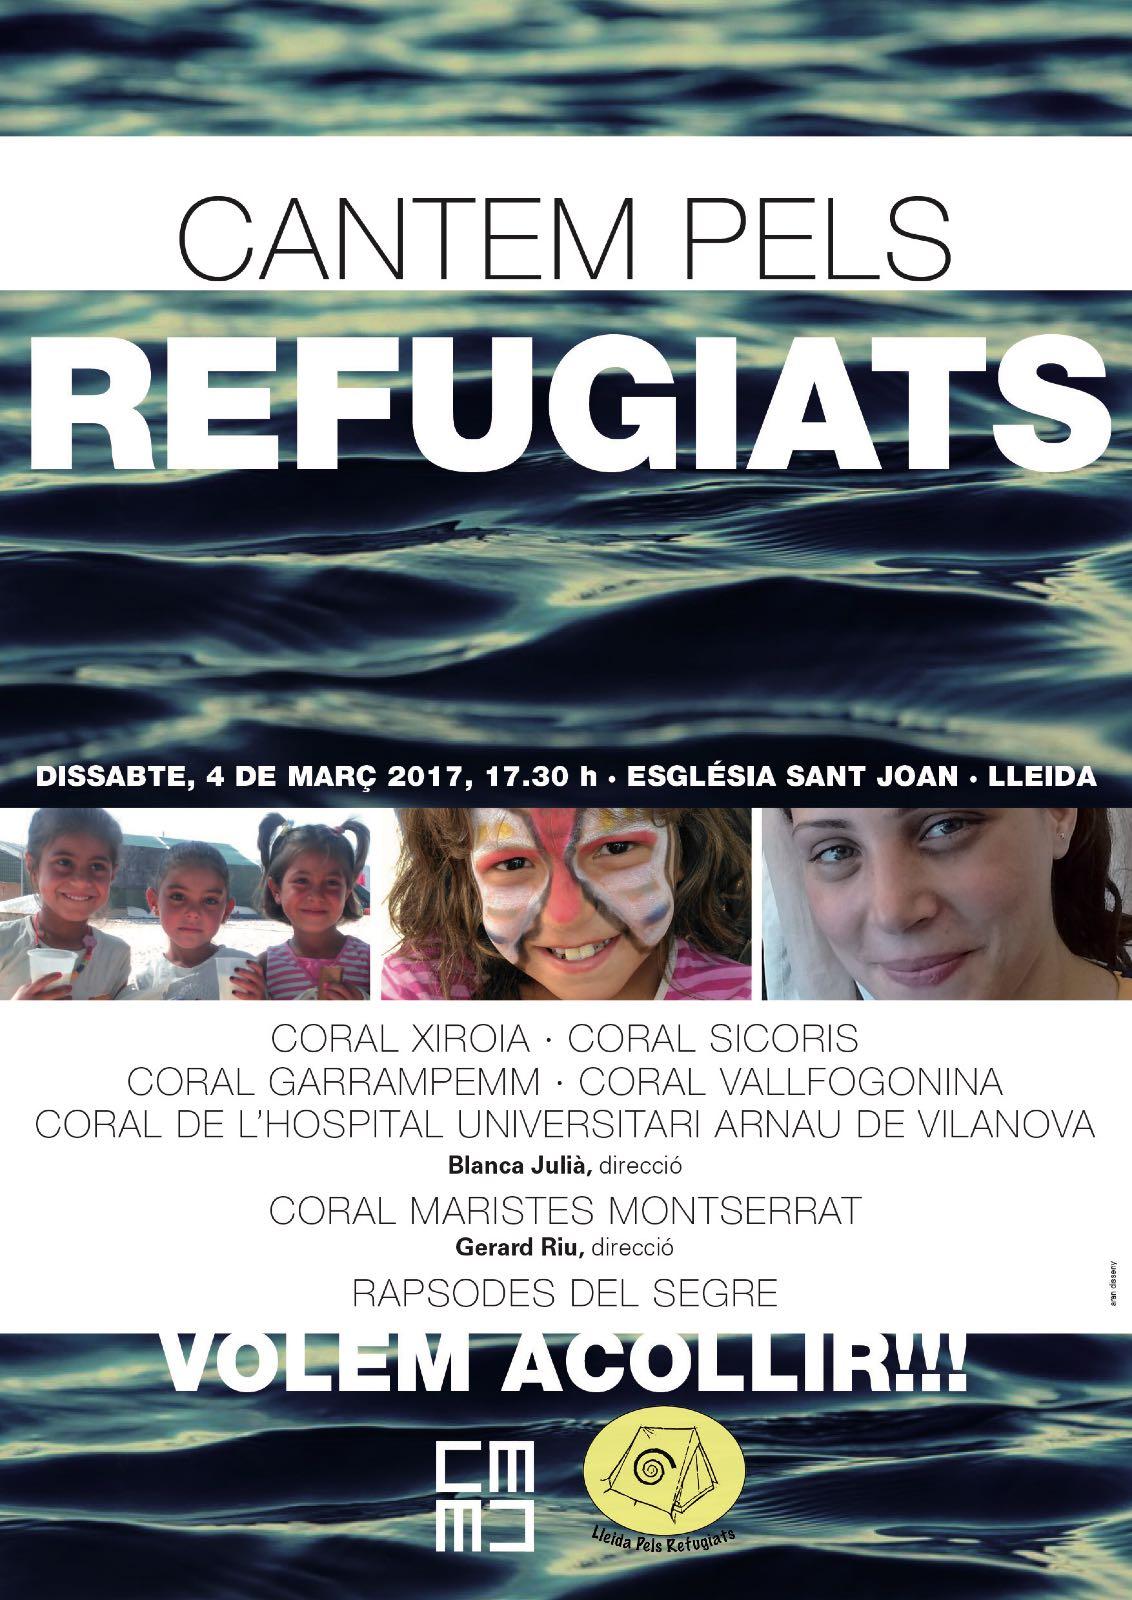 Cantem pels refugiats